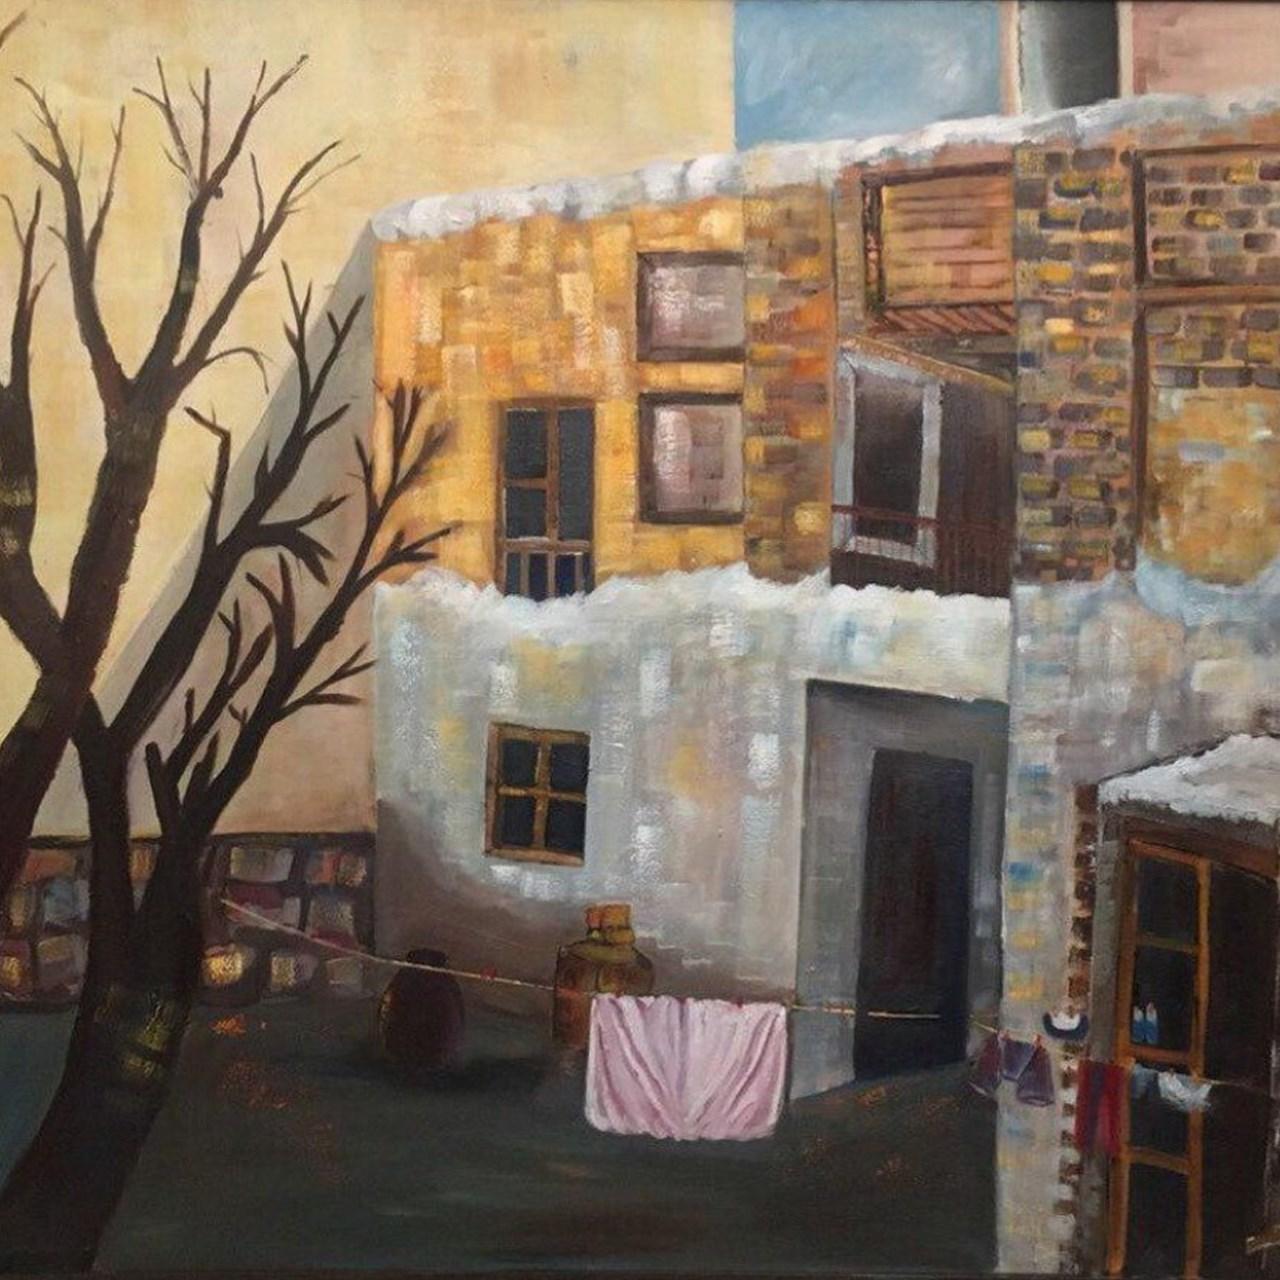 تابلو نقاشی رنگ روغن گالری مهشید طرح رئال حیاط قدیمی